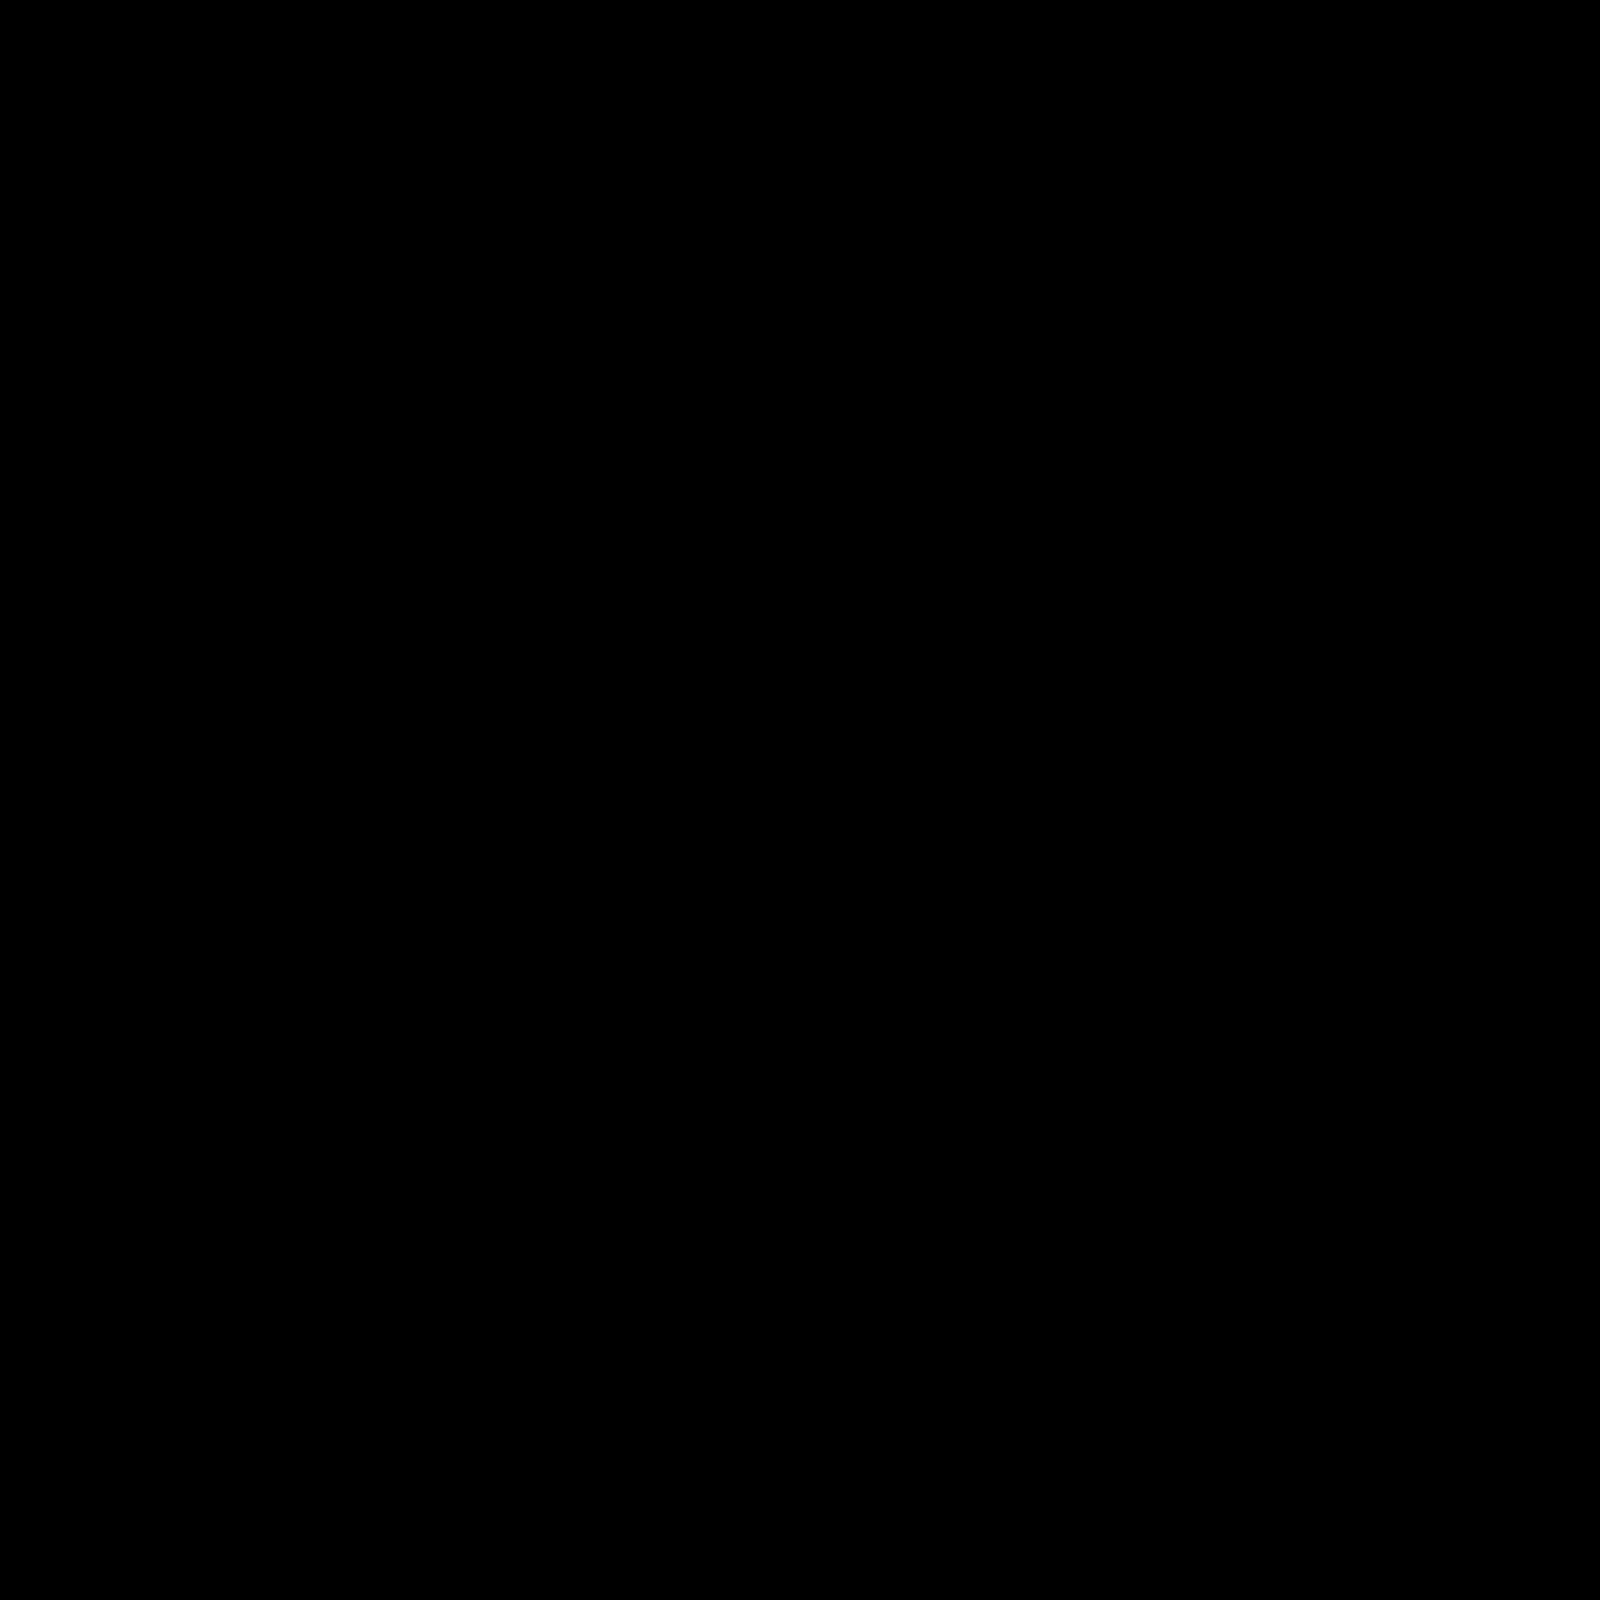 Бирка на дверь icon